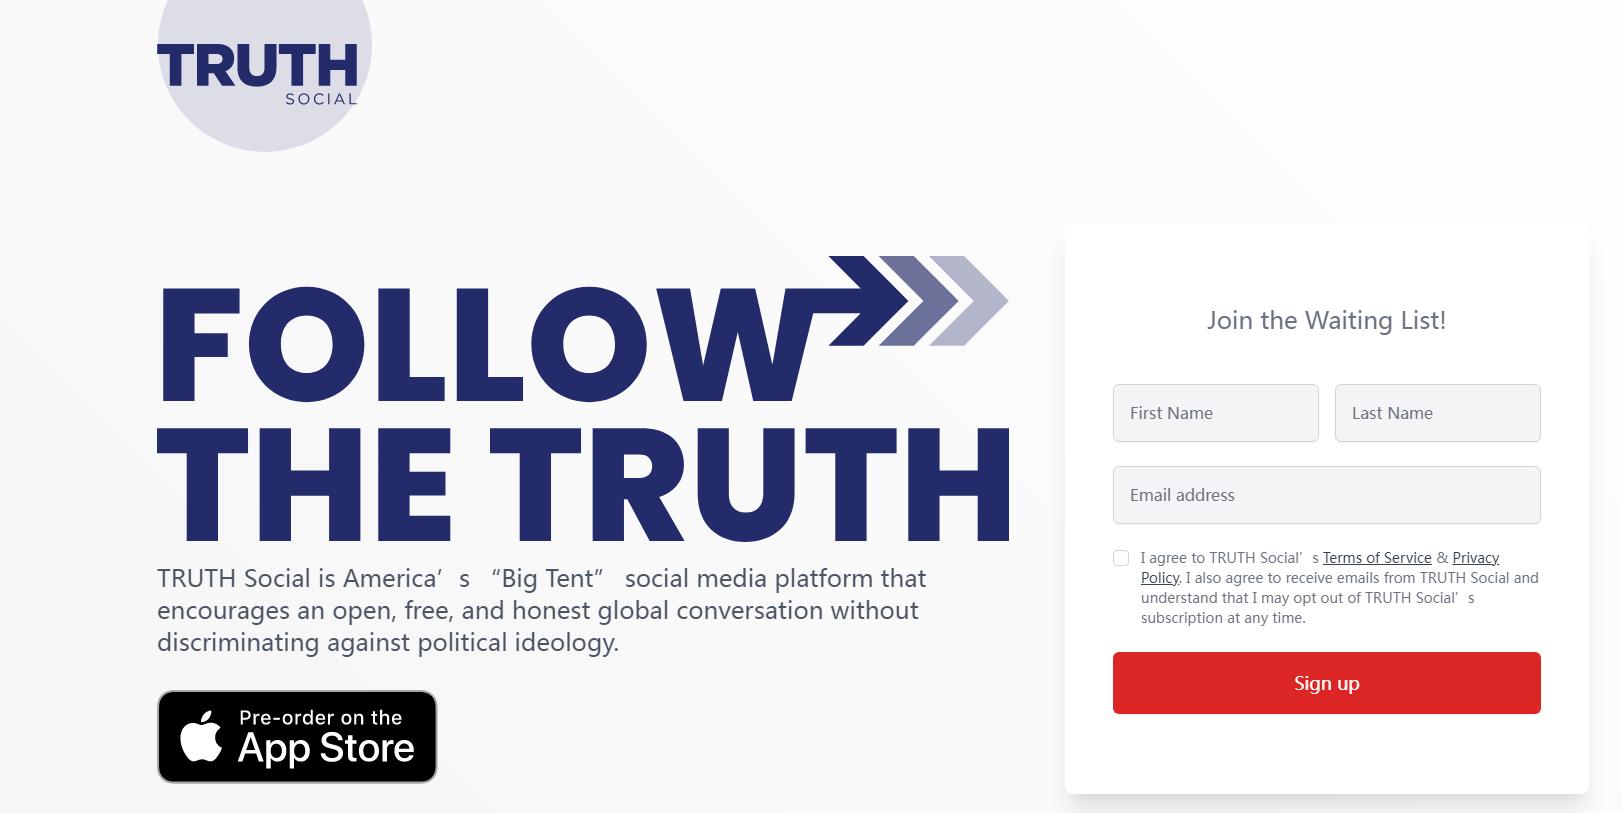 特朗普推出专属平台,启用TruthSocia.com为平台域名